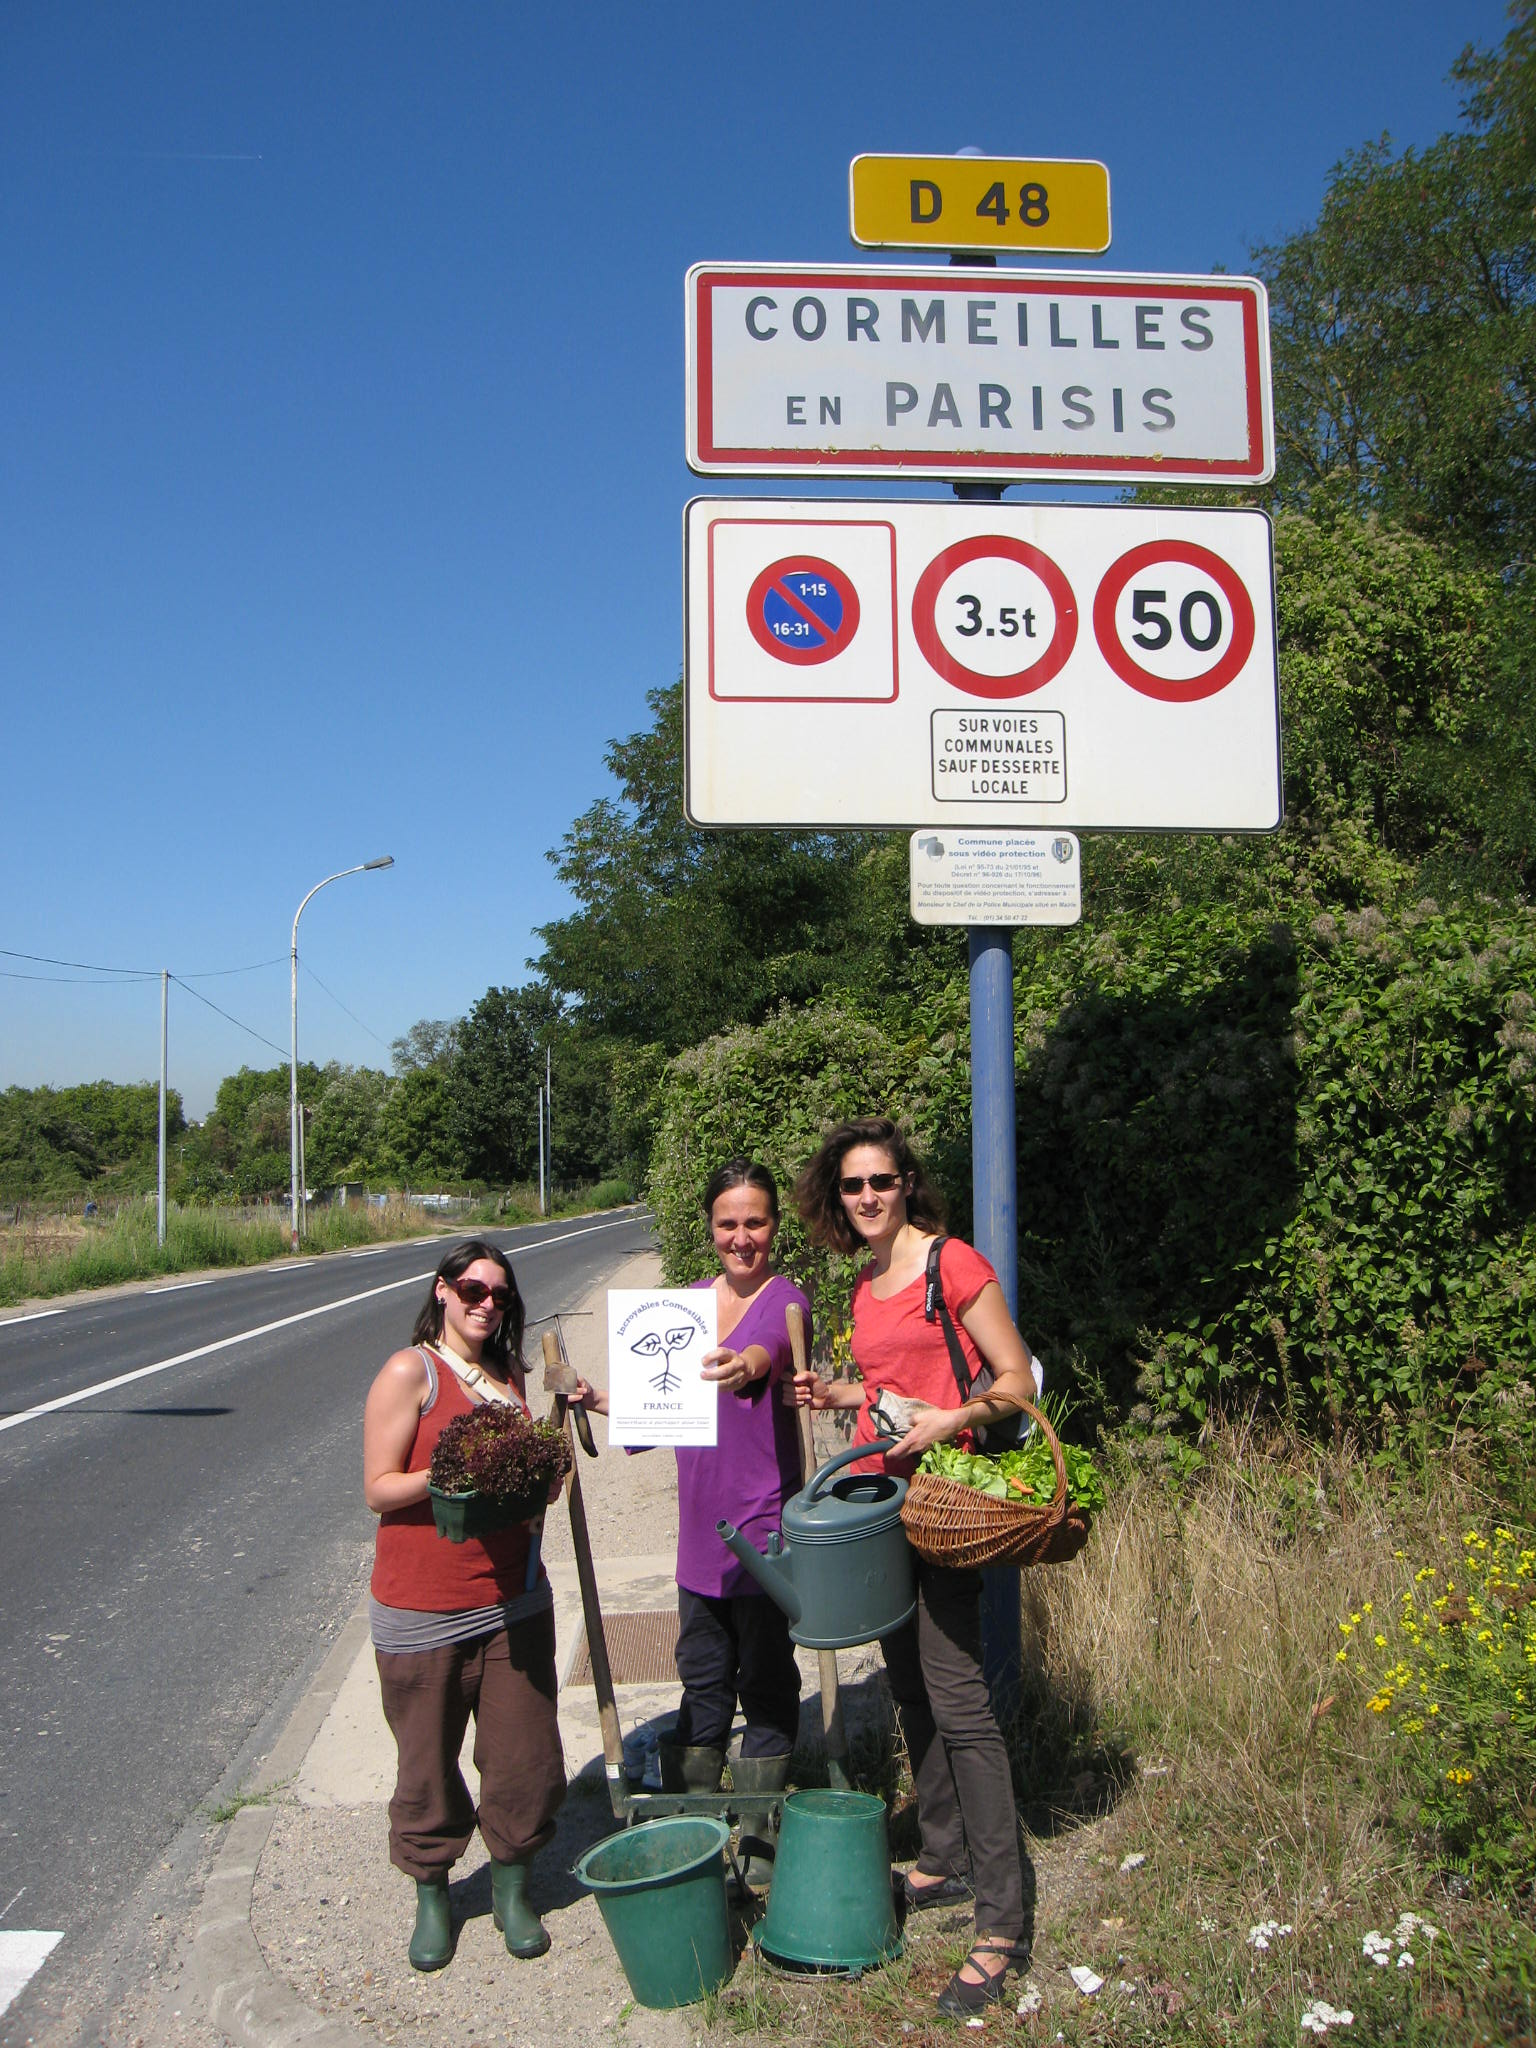 CORMEILLES-EN-PARISIS